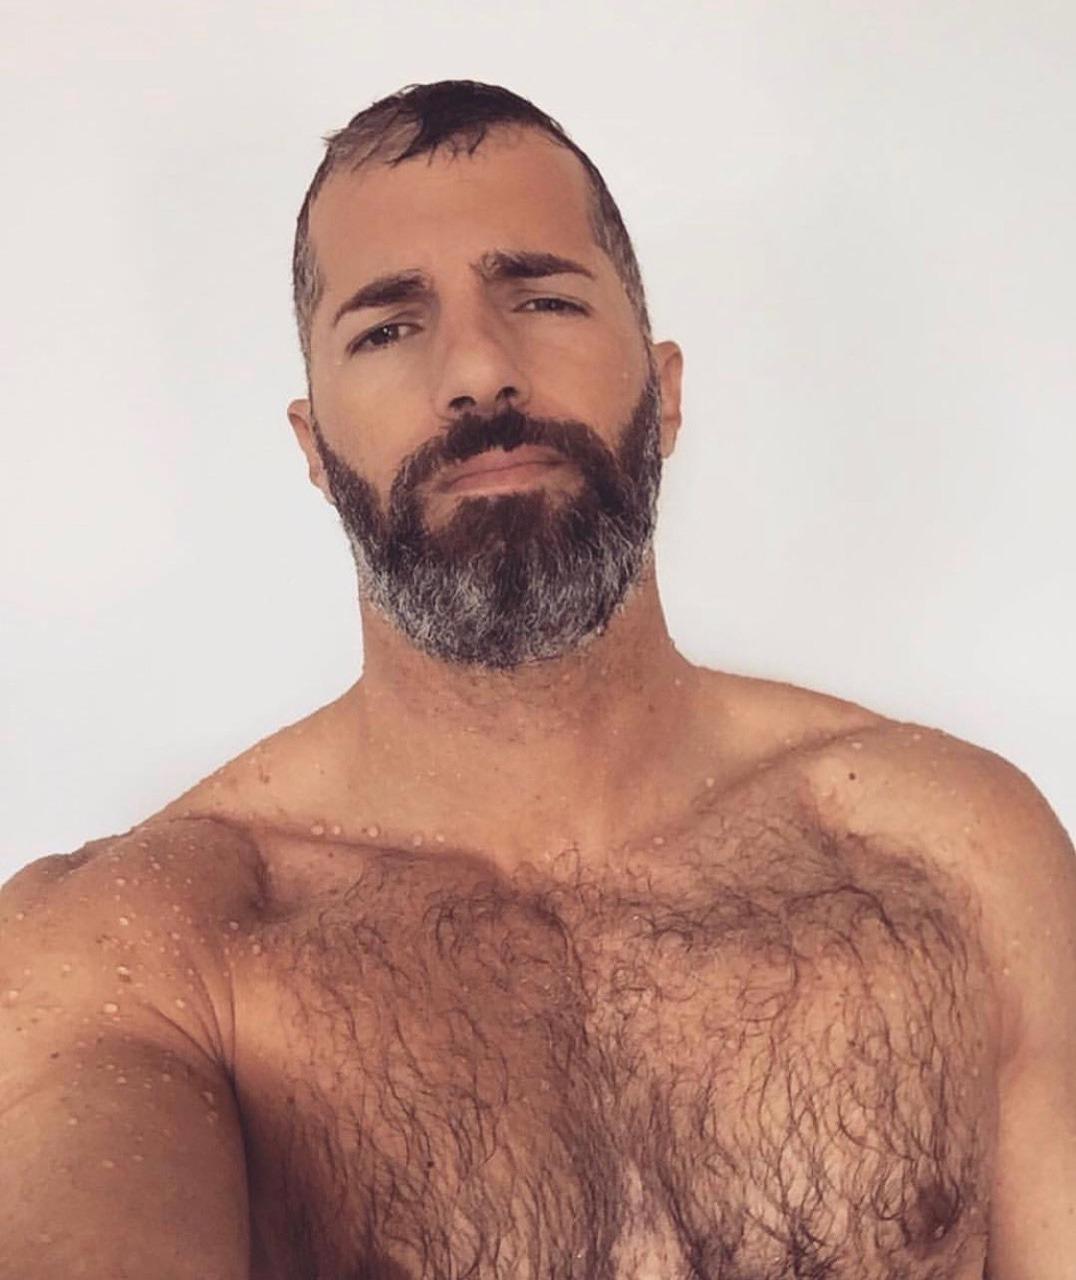 2019-01-03 01:03:22 - 172496994440 beardburnme http://www.neofic.com